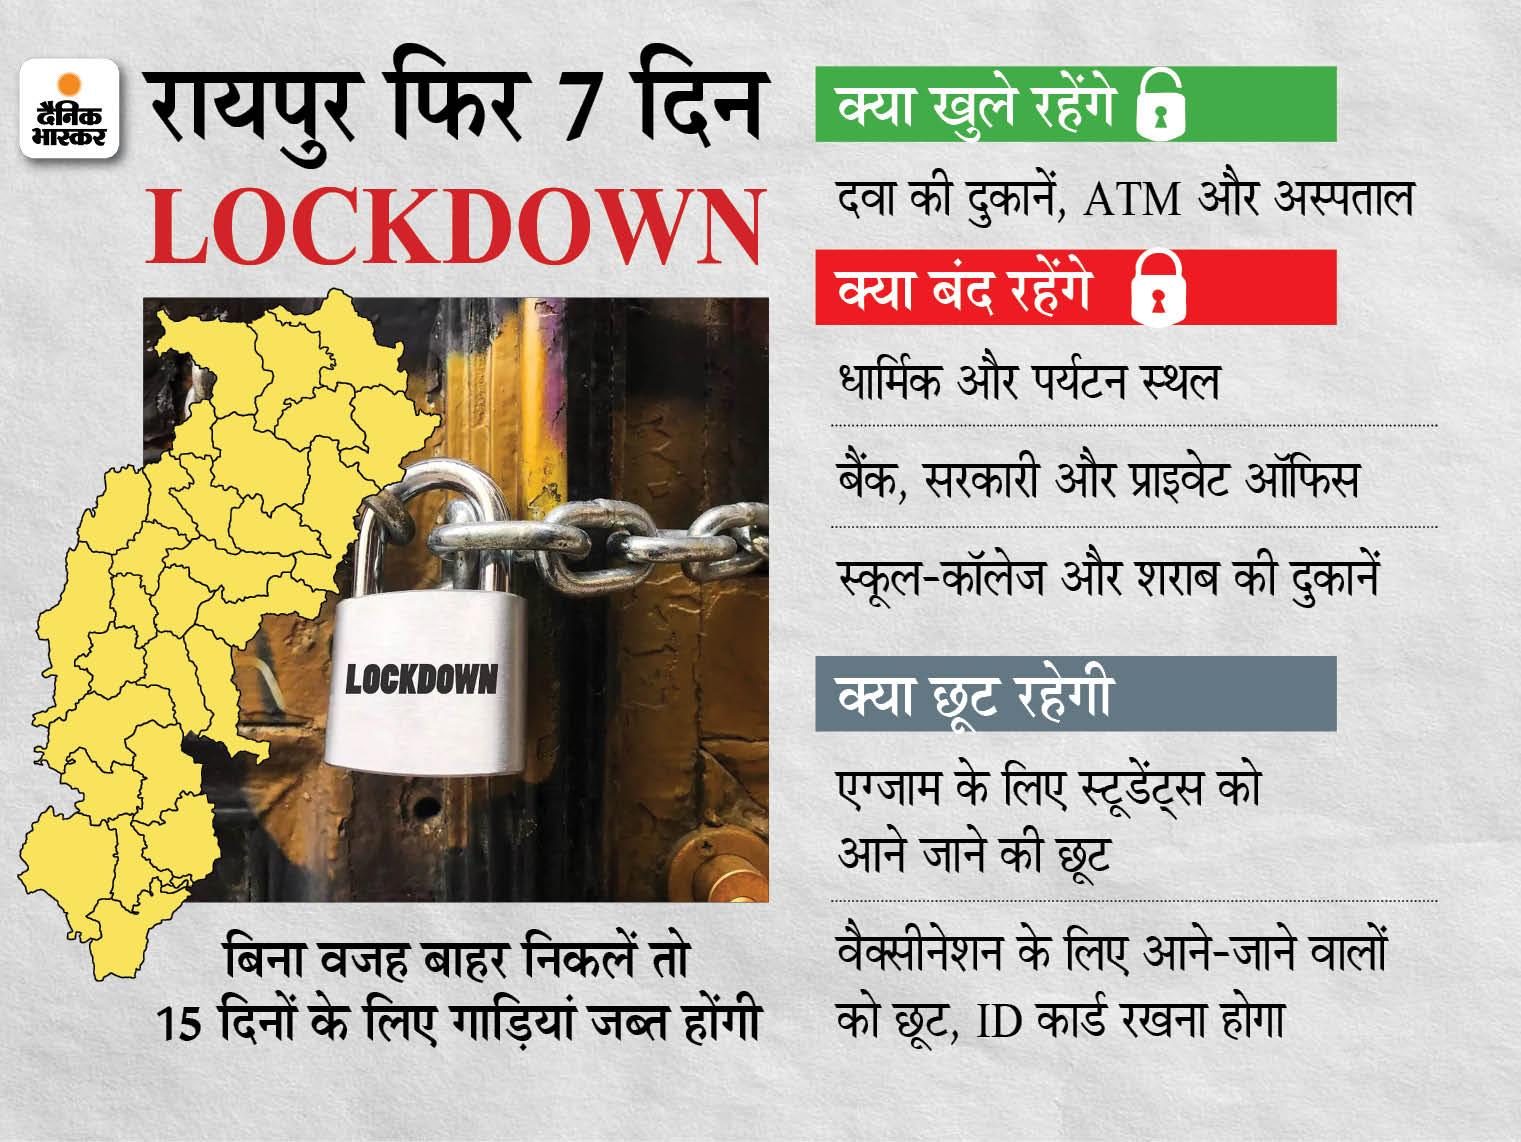 अब 26 अप्रैल तक के लिए सब कुछ बंद, ठेलों पर राशन और सब्जियां मिलेंगी; कलेक्टर ने कहा- कोरोना के नए केस और मौत की संख्या ने बढ़ाई चिंता रायपुर,Raipur - Dainik Bhaskar